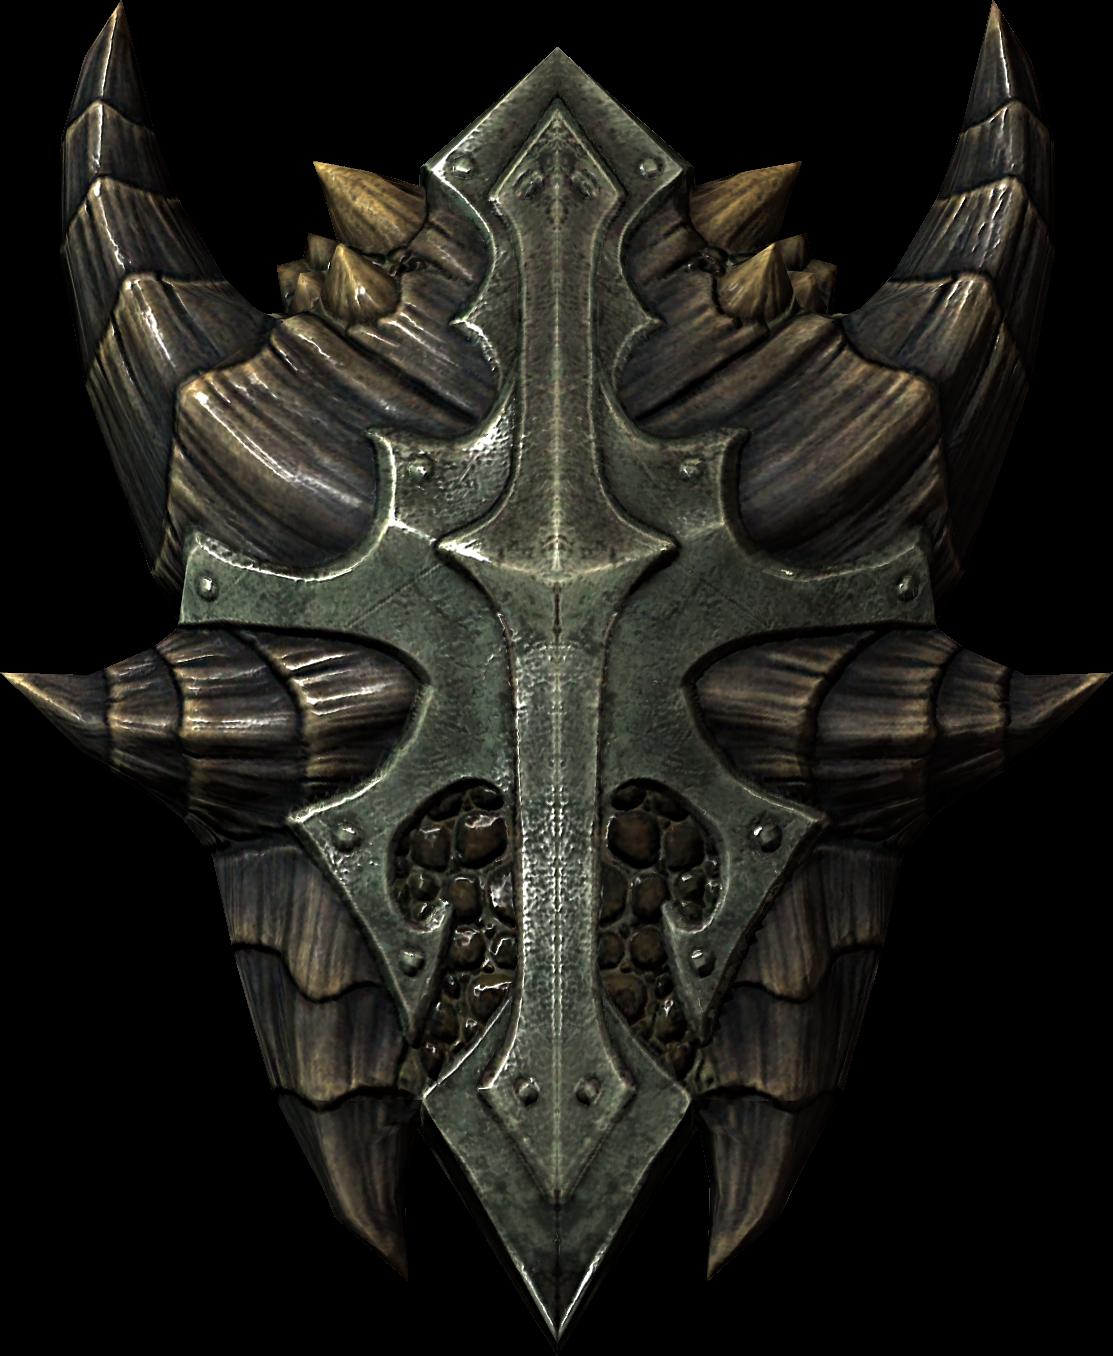 Escudo de escamas de dragón